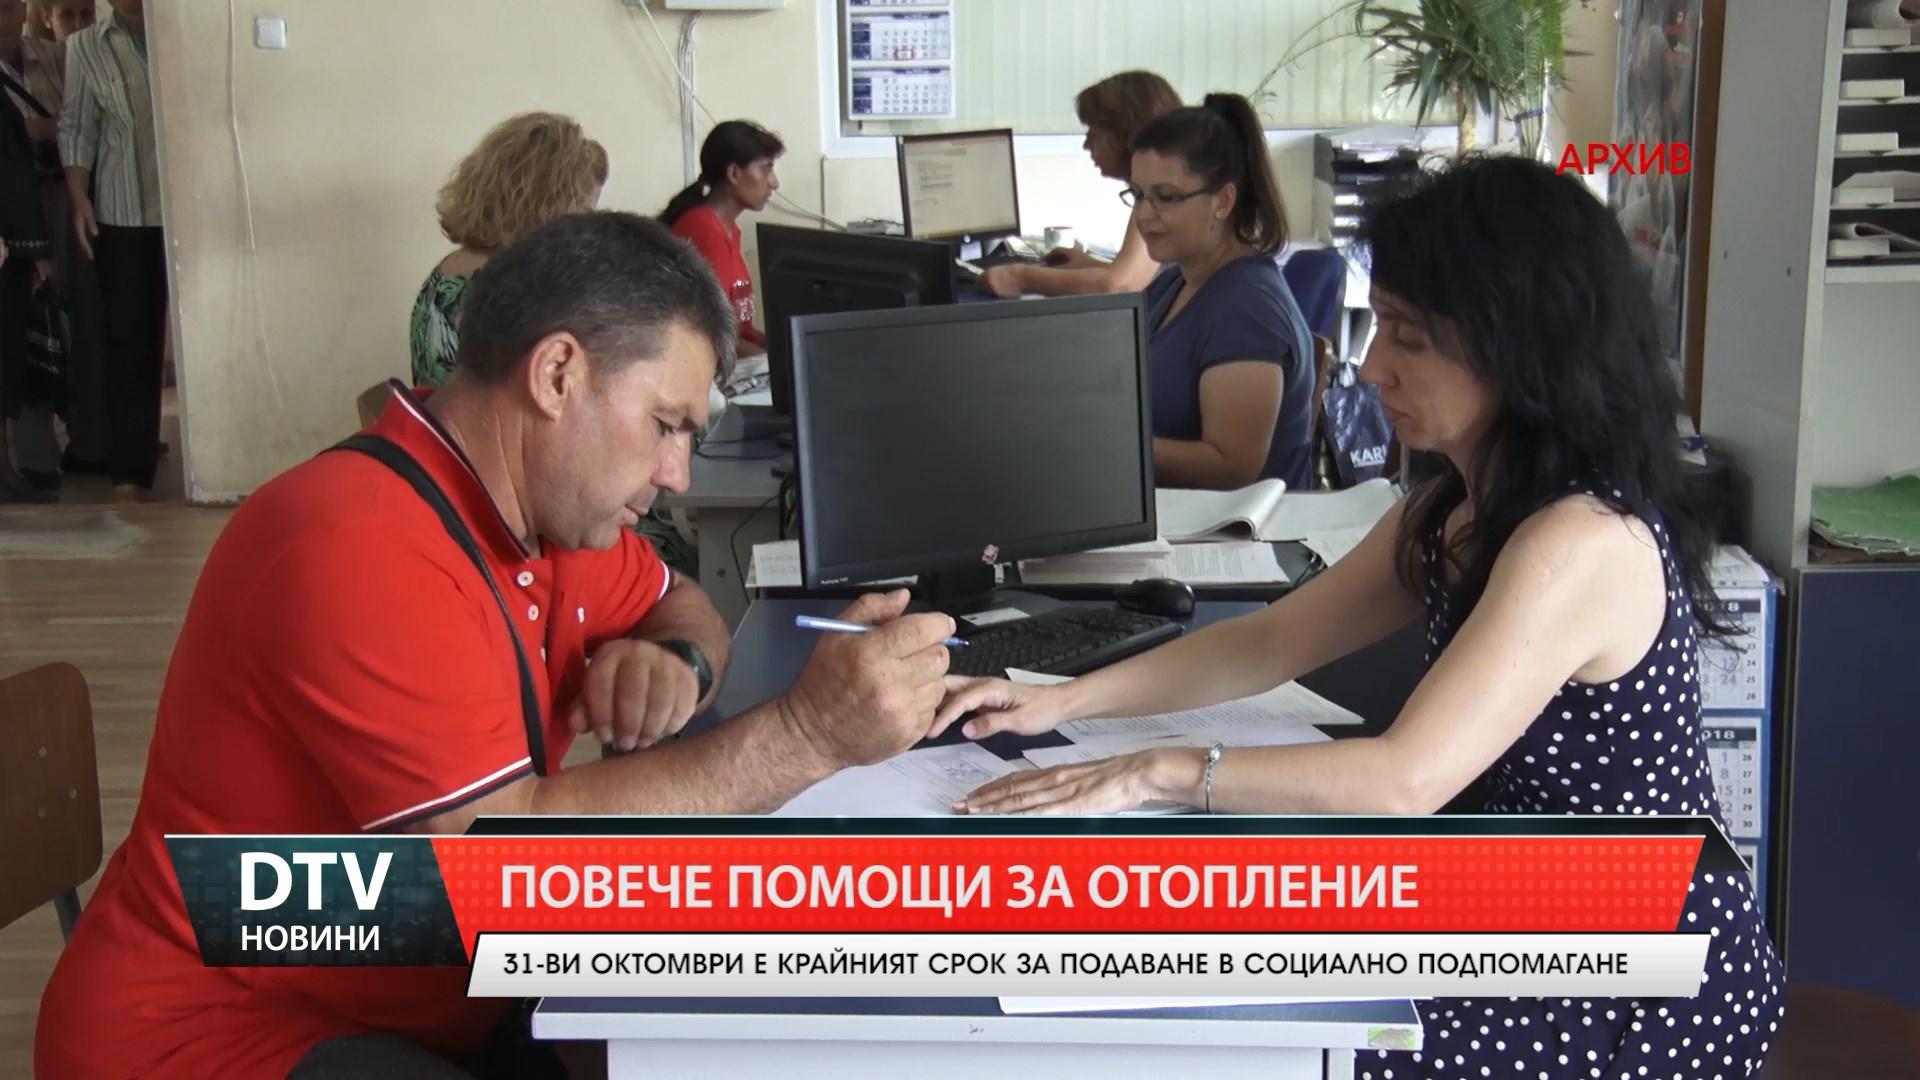 31-ви октомври е крайният срок за подаване в Социално подпомагане